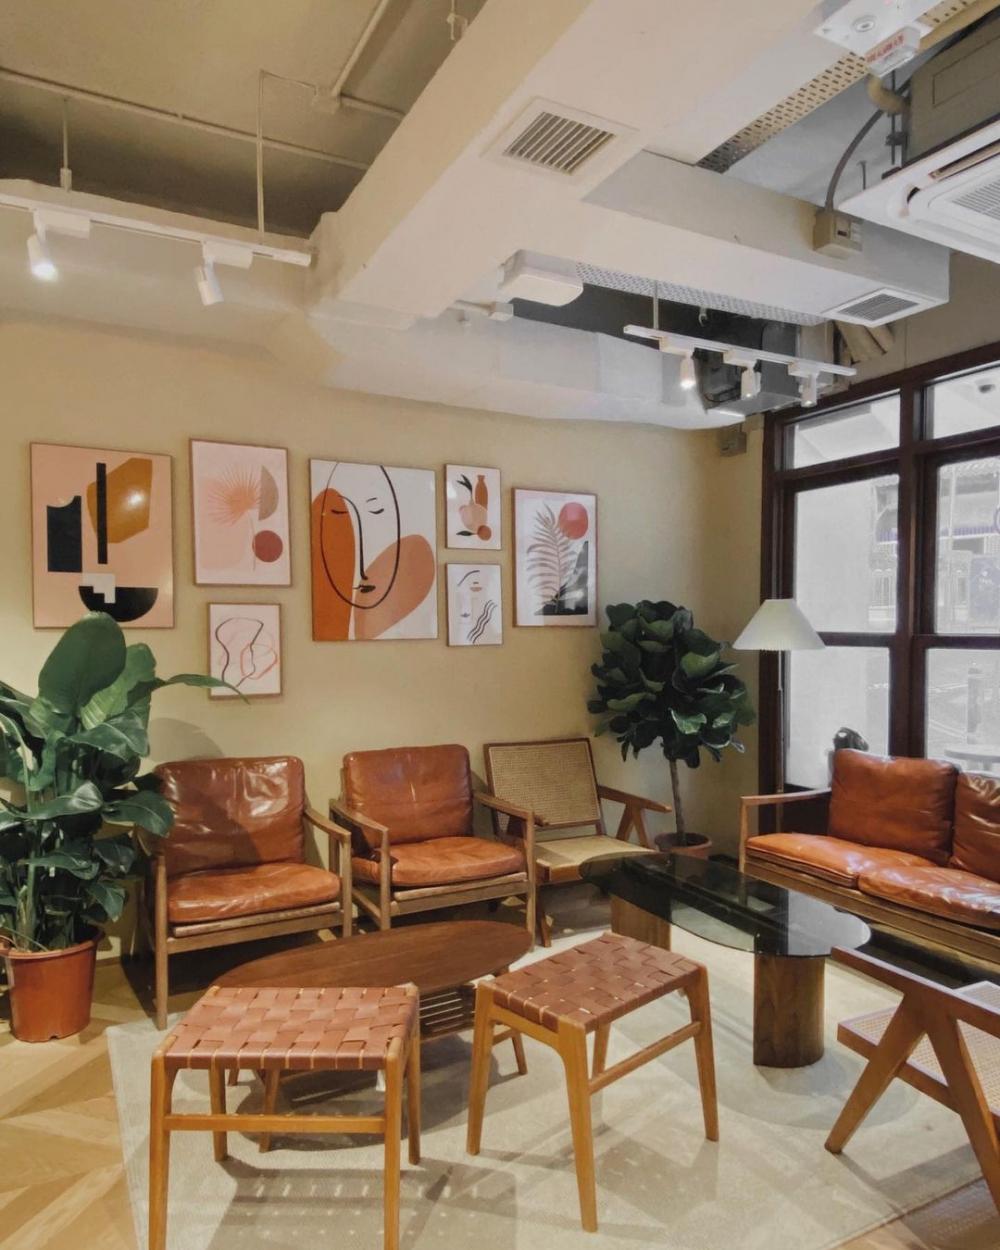 空間溫馨的小品咖啡室,讓人能真正放鬆